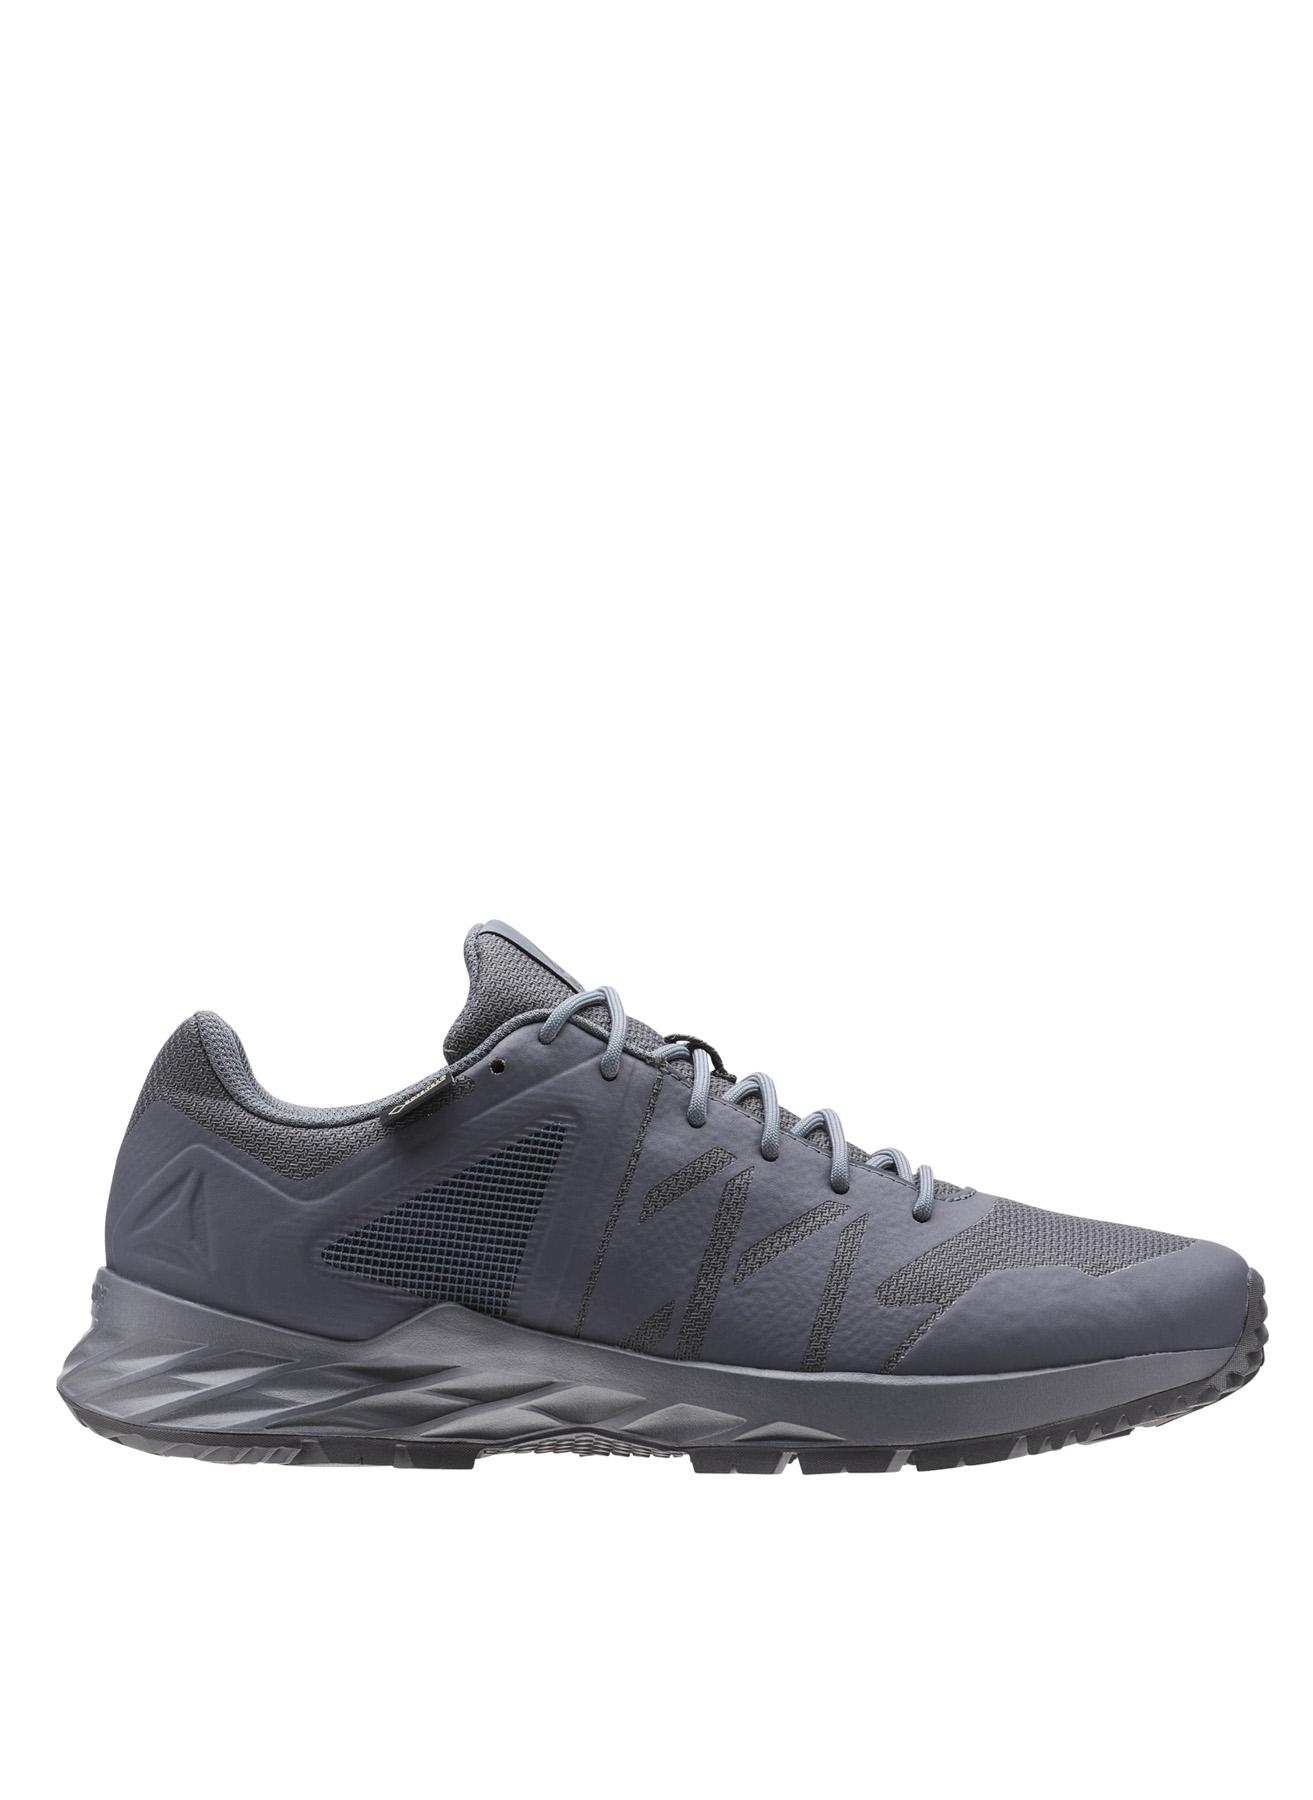 Reebok Astroride Trail GTX Outdoor Ayakkabısı 44 5001633292008 Ürün Resmi